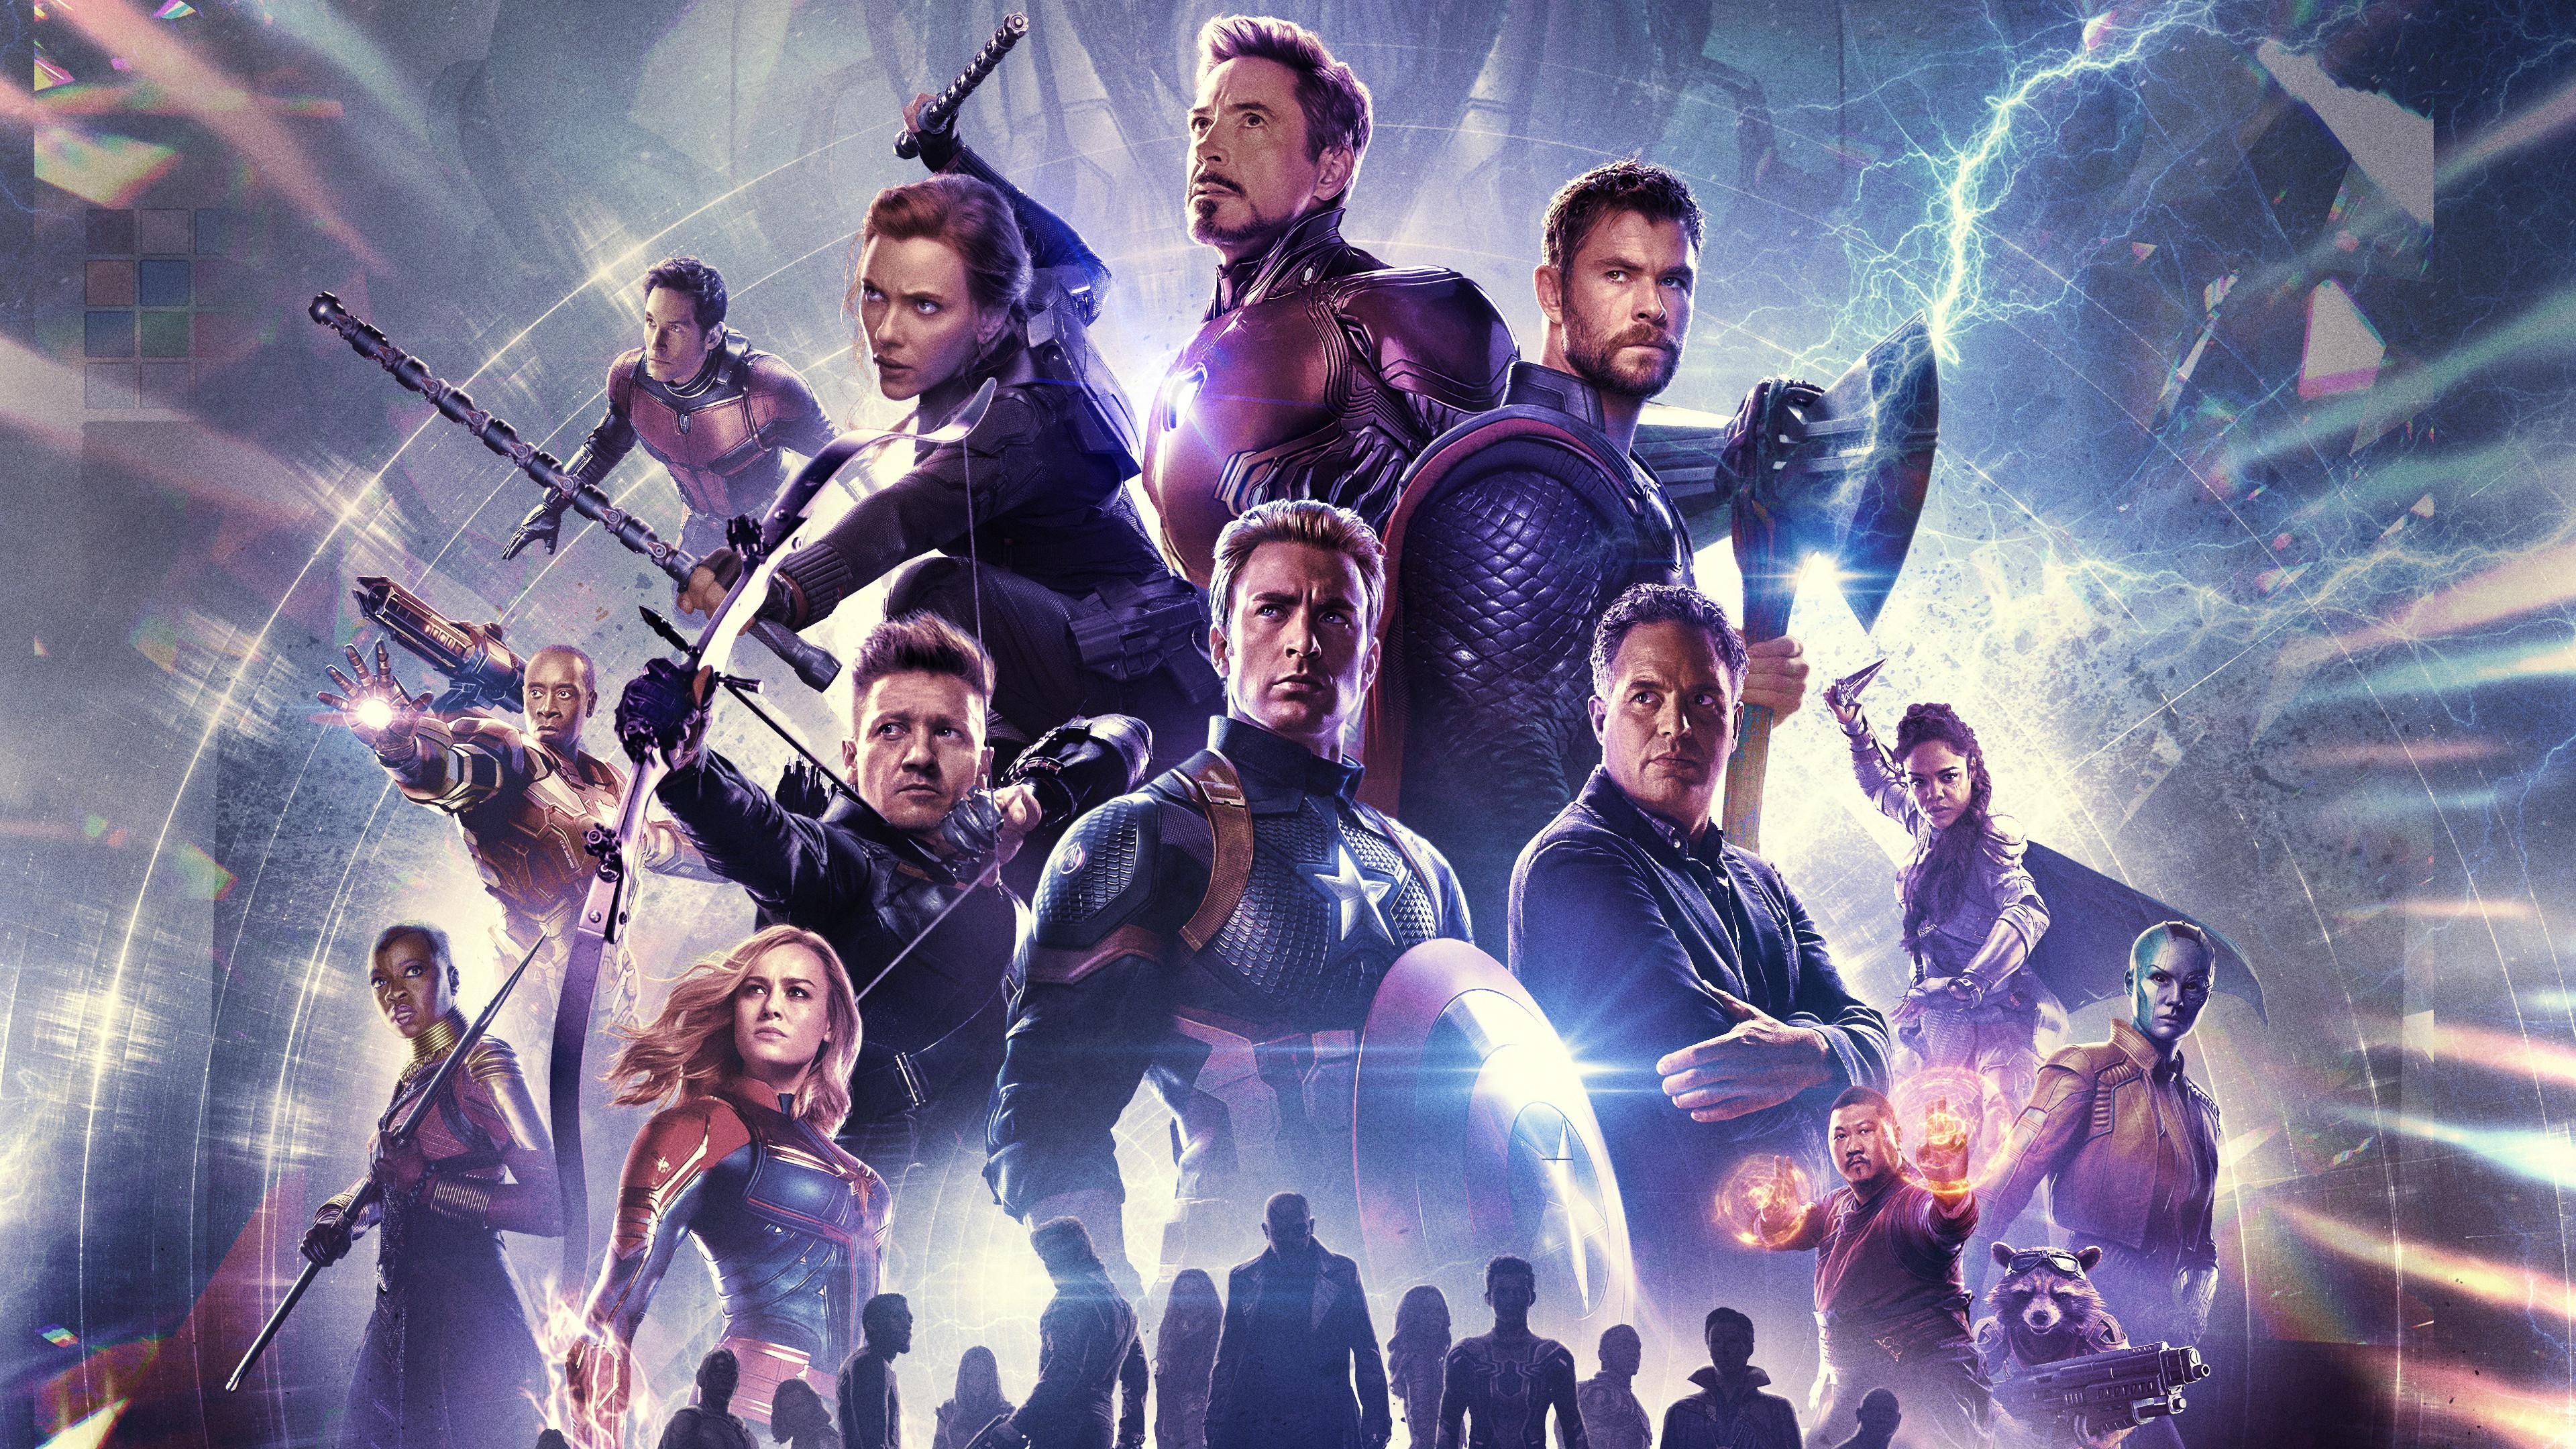 Bi56 Captain America Avengers Endgame Hero Film Marvel Art Wallpaper